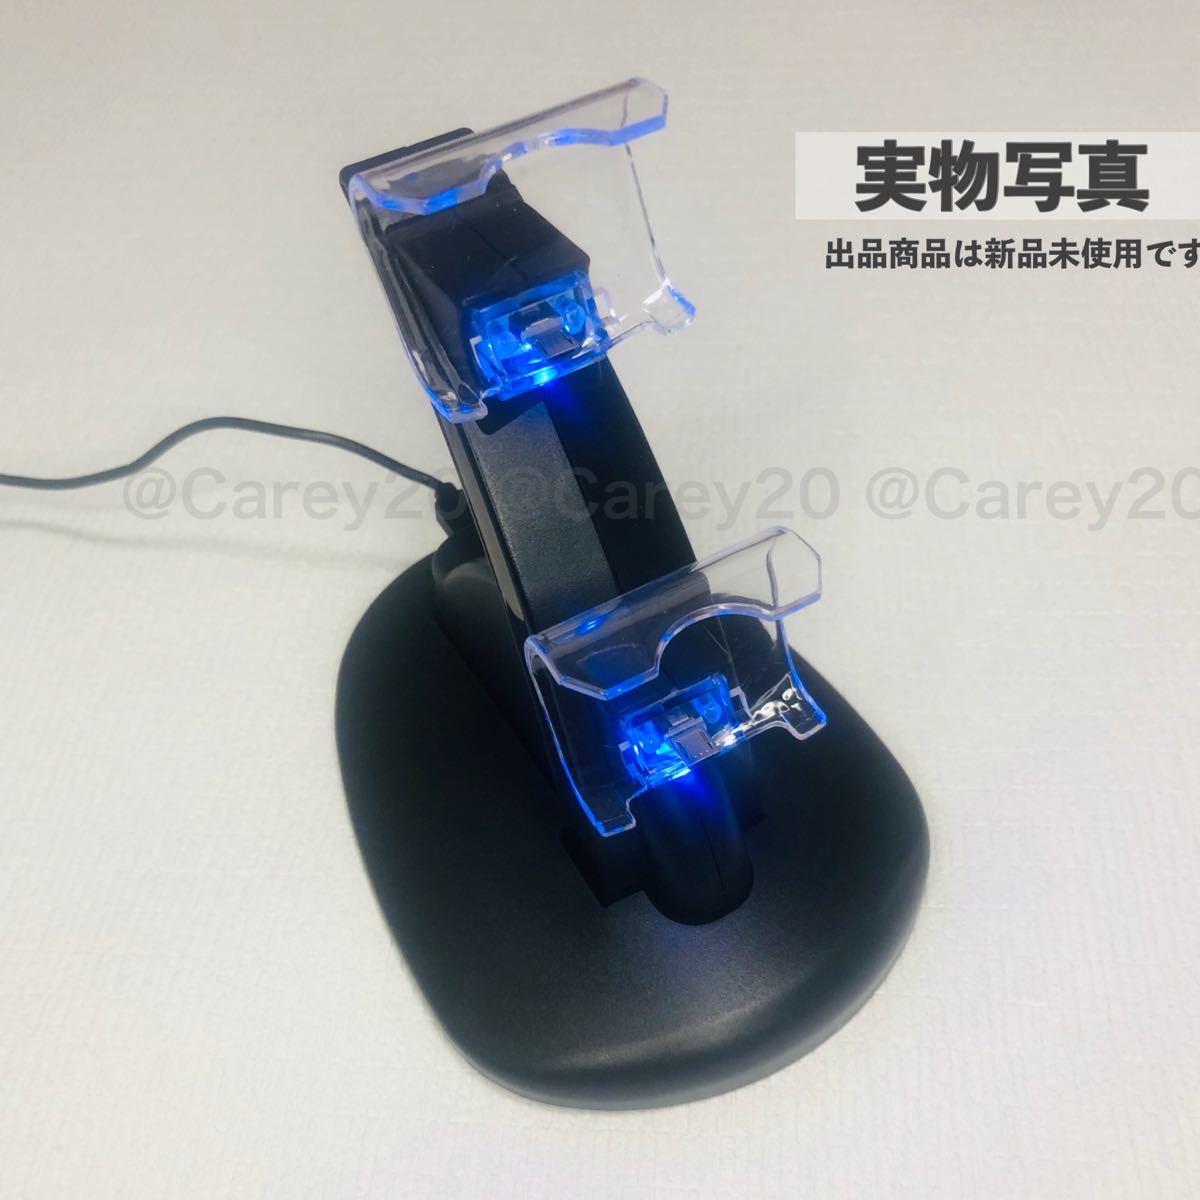 PS4 コントローラー LED 充電 スタンド miniUSB 2台同時 ブラック デュアルチャージャー PlayStation4